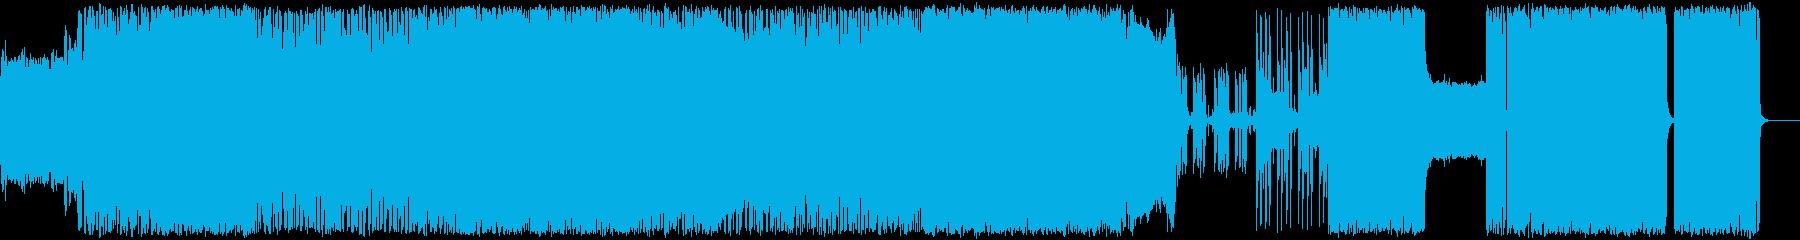 生演奏ギターダウンチューン冴えるヘビネスの再生済みの波形